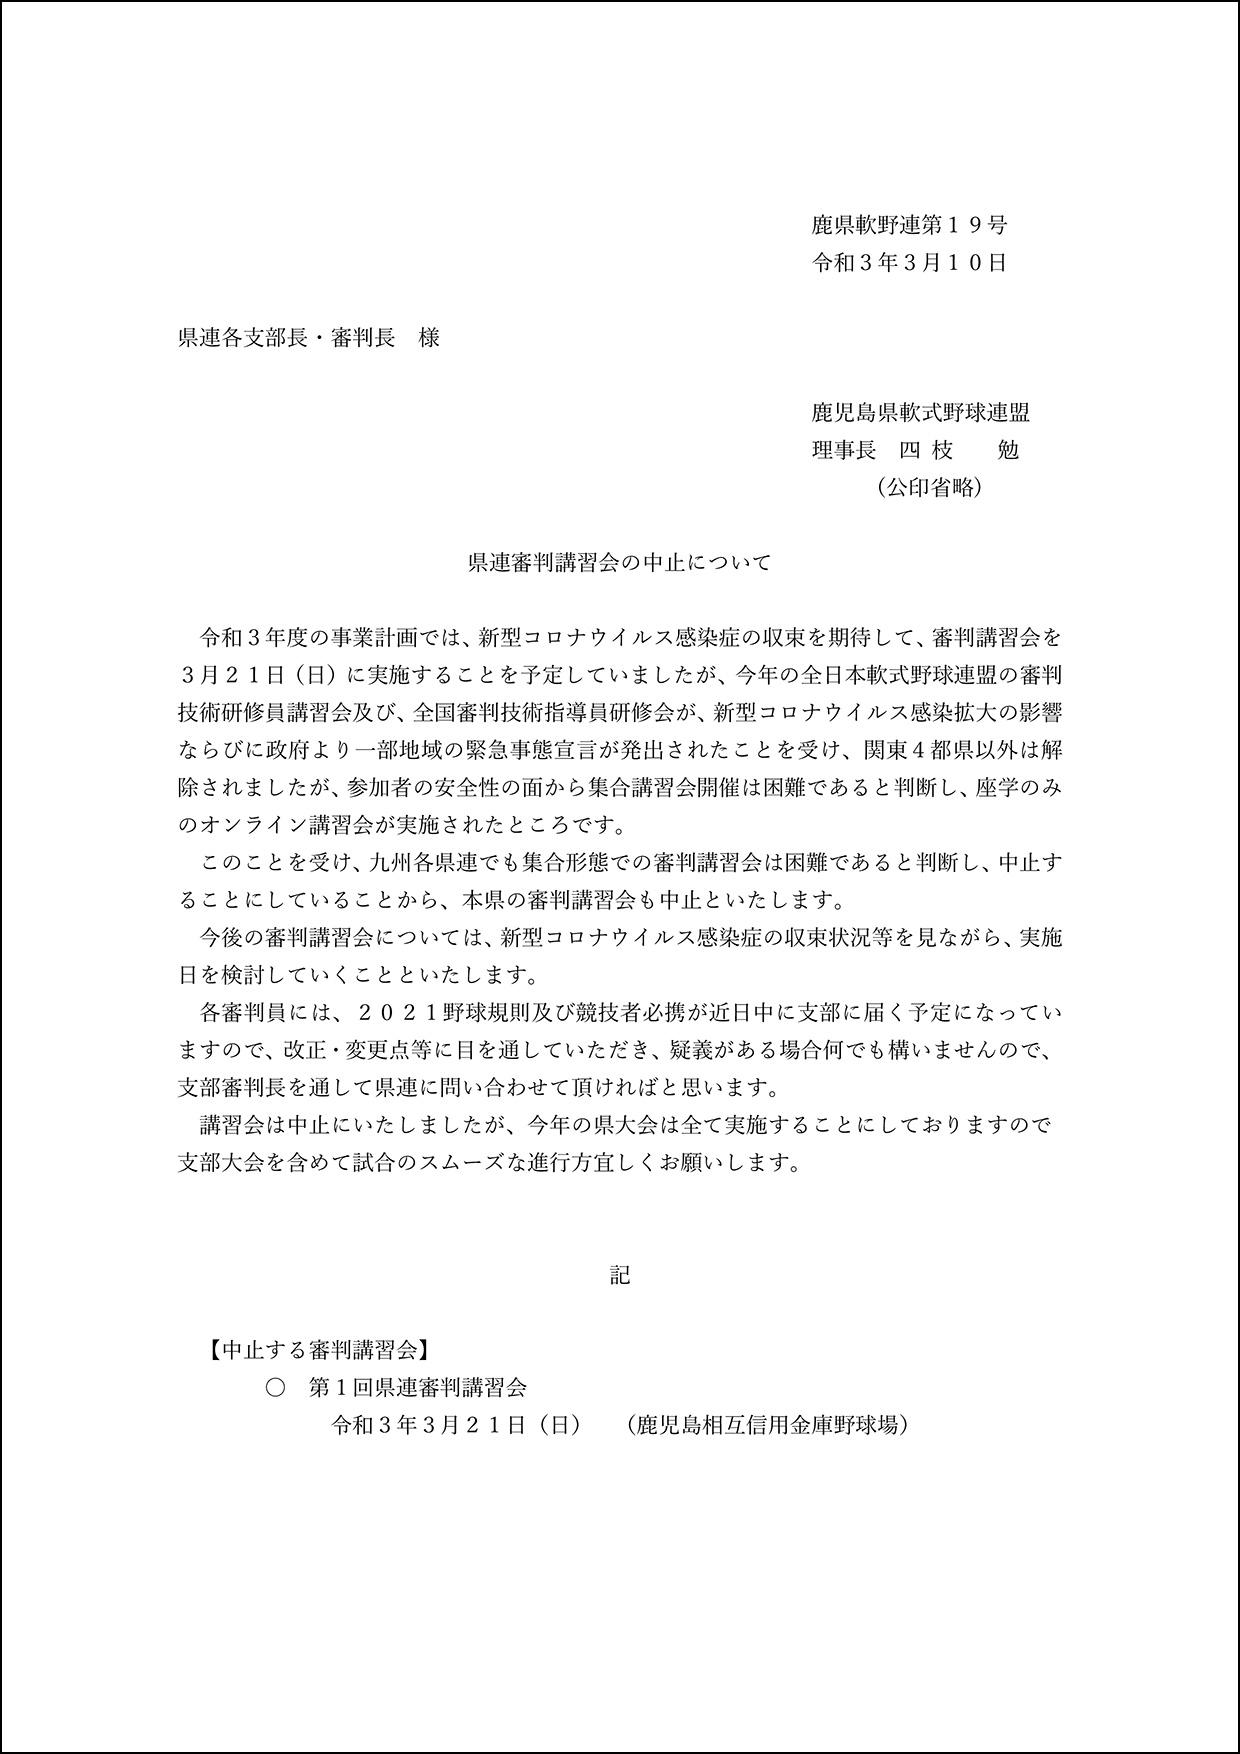 【通知】県連審判講習会中止について